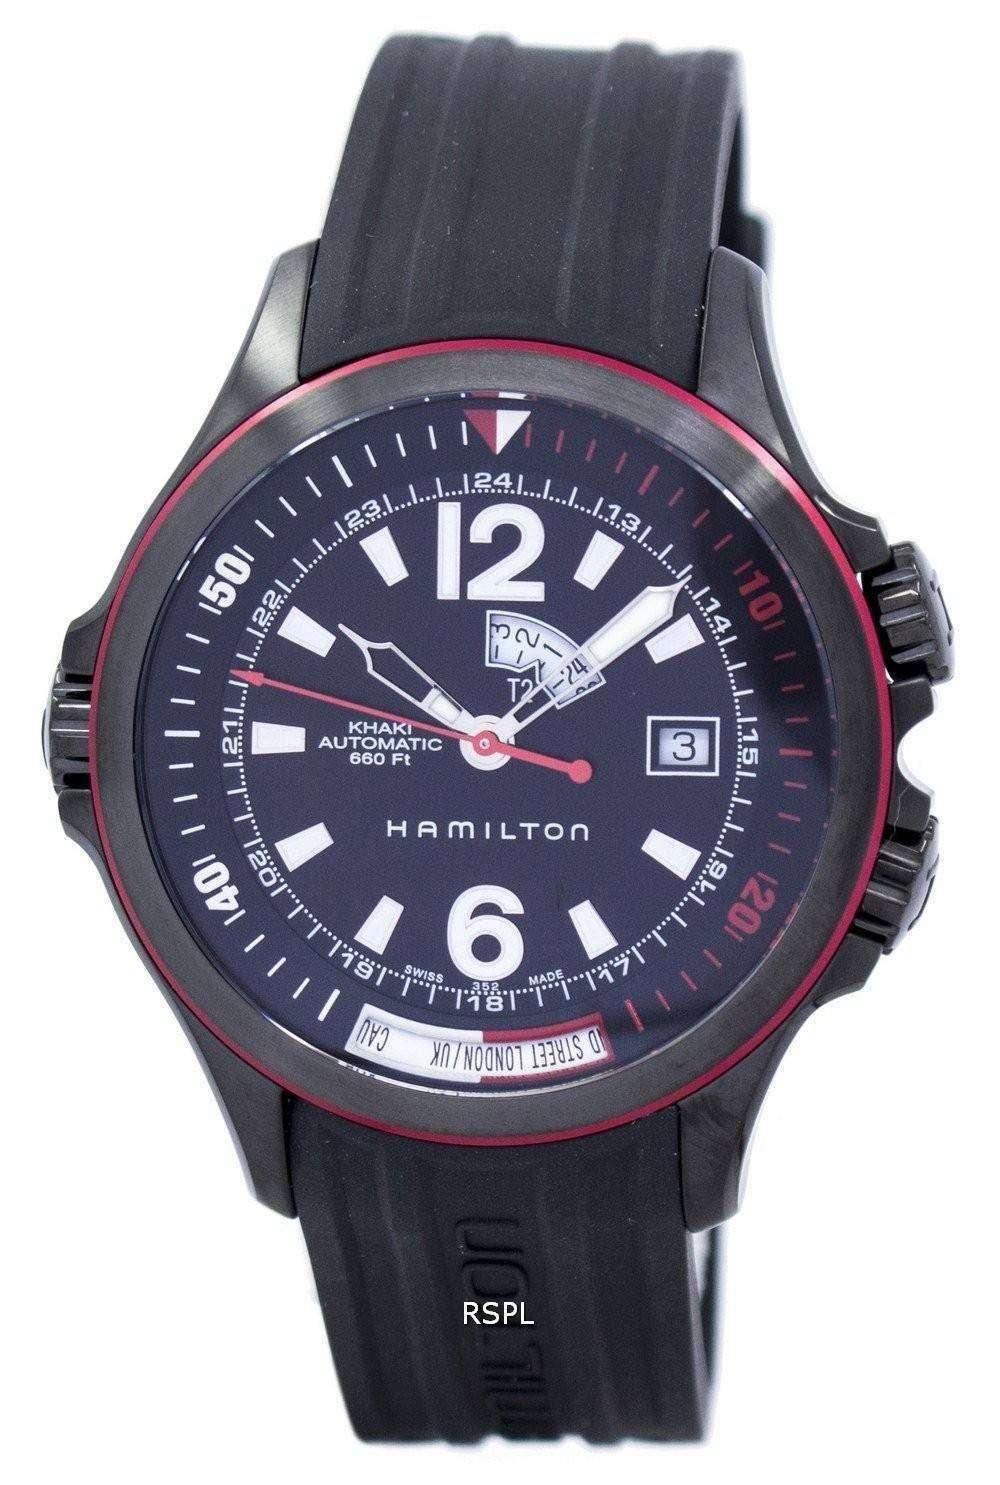 ハミルトン カーキ ネイビー GMT オートマティック H77585335 メンズ腕時計